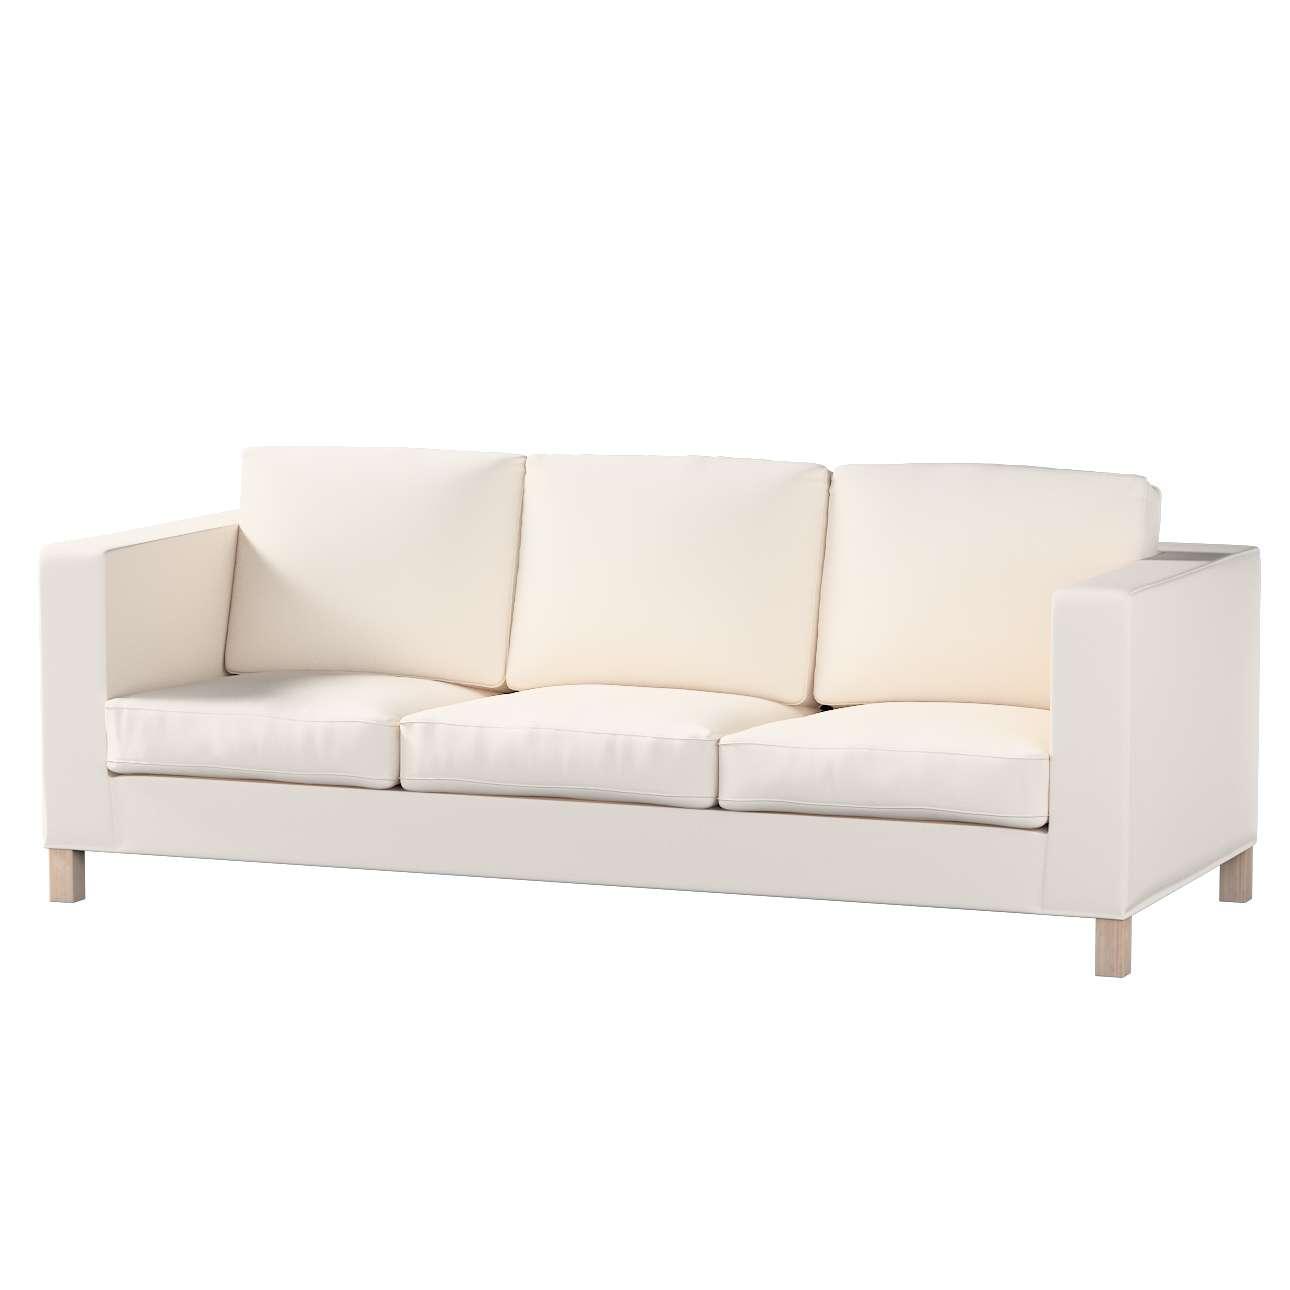 Pokrowiec na sofę Karlanda 3-osobową nierozkładaną, krótki Sofa Karlanda 3-os w kolekcji Etna , tkanina: 705-01